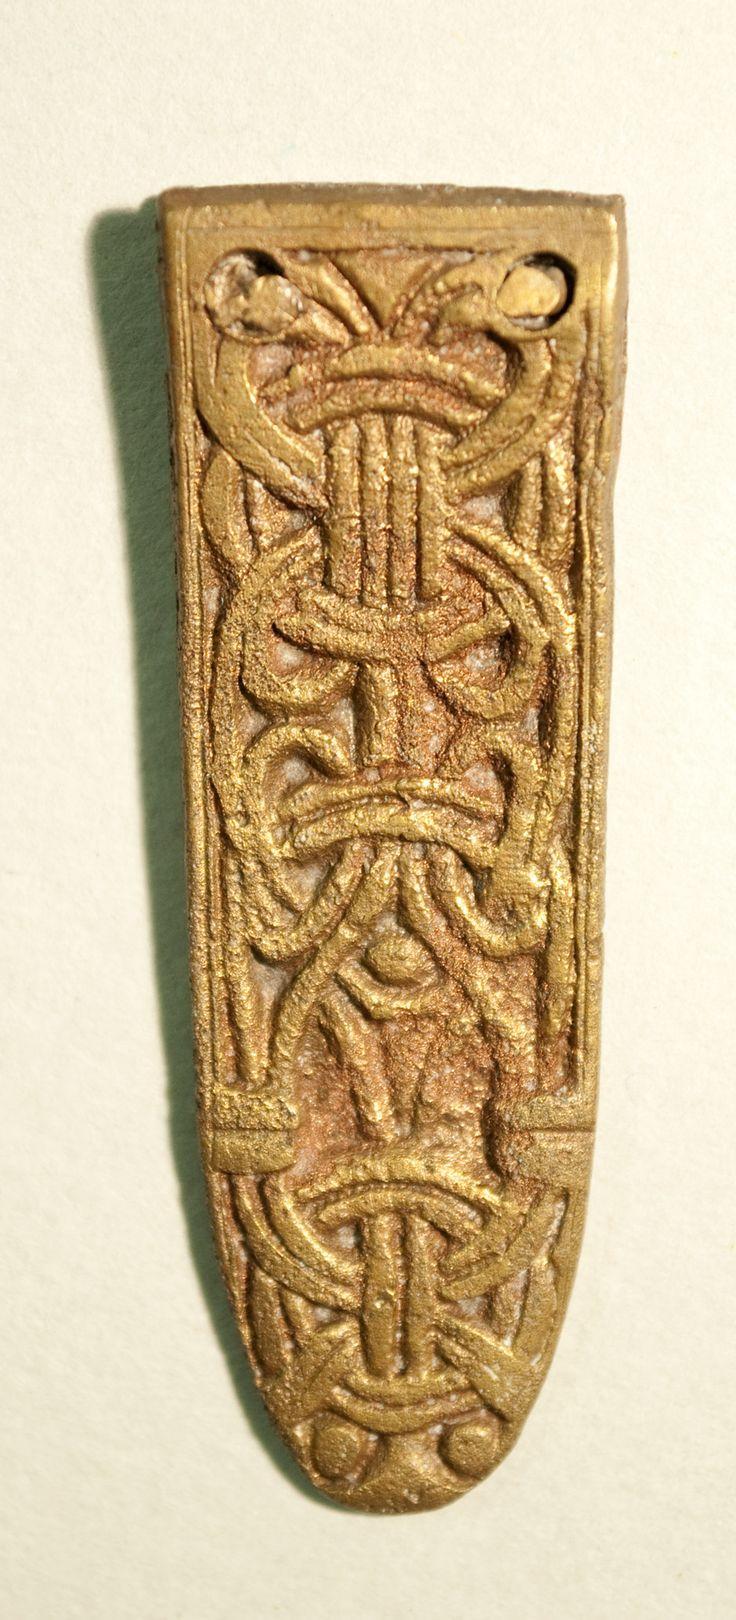 Anglo-skandinavisk rembeslag i Borrestil. Fra York Museums Trust (Yorkshire Museum).